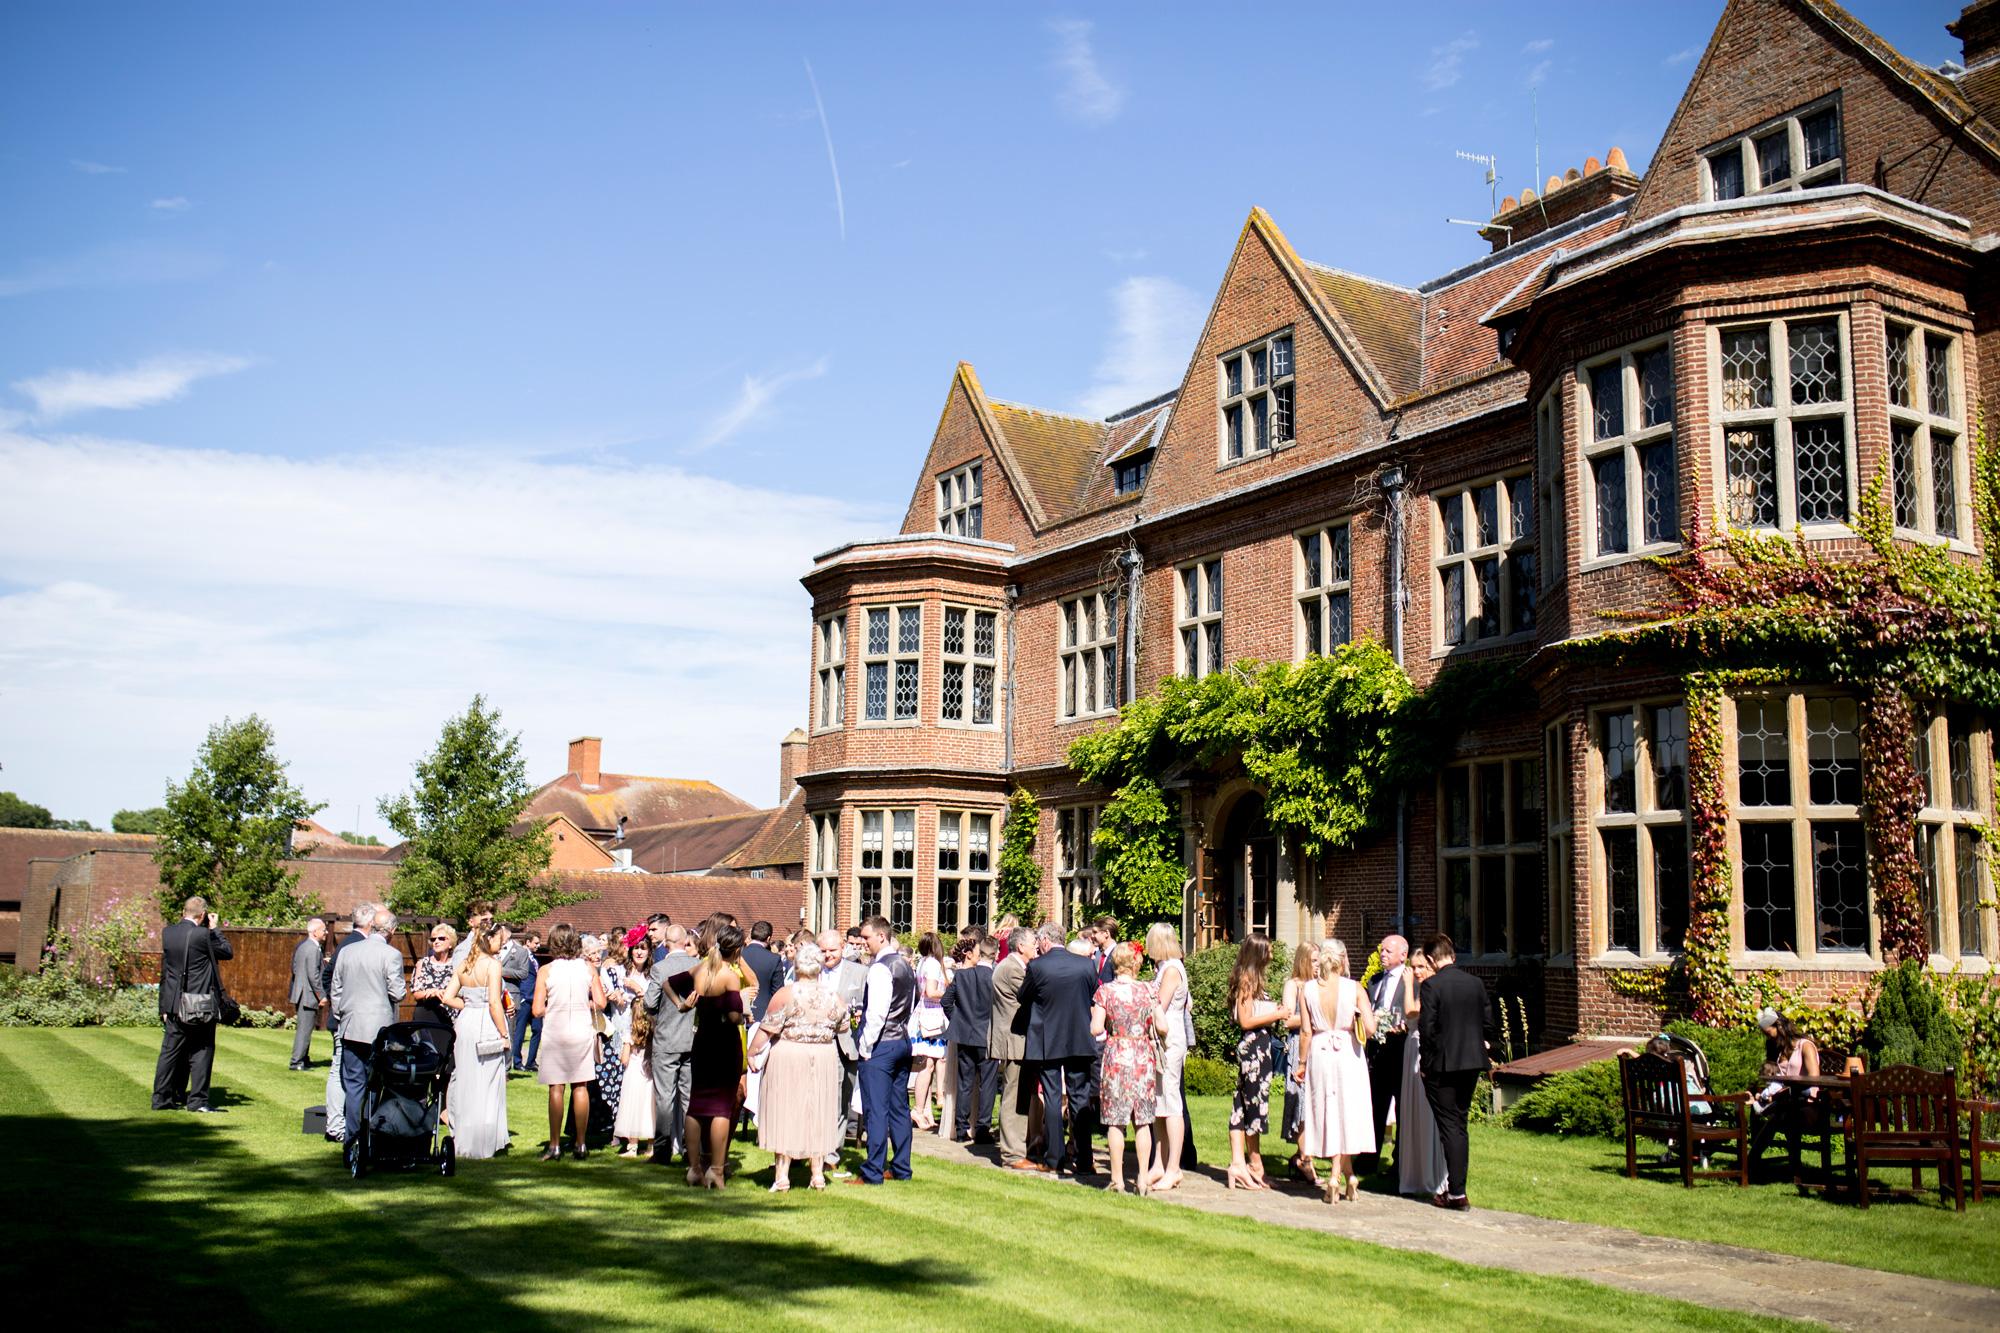 horwood house, wedding party, summer wedding,